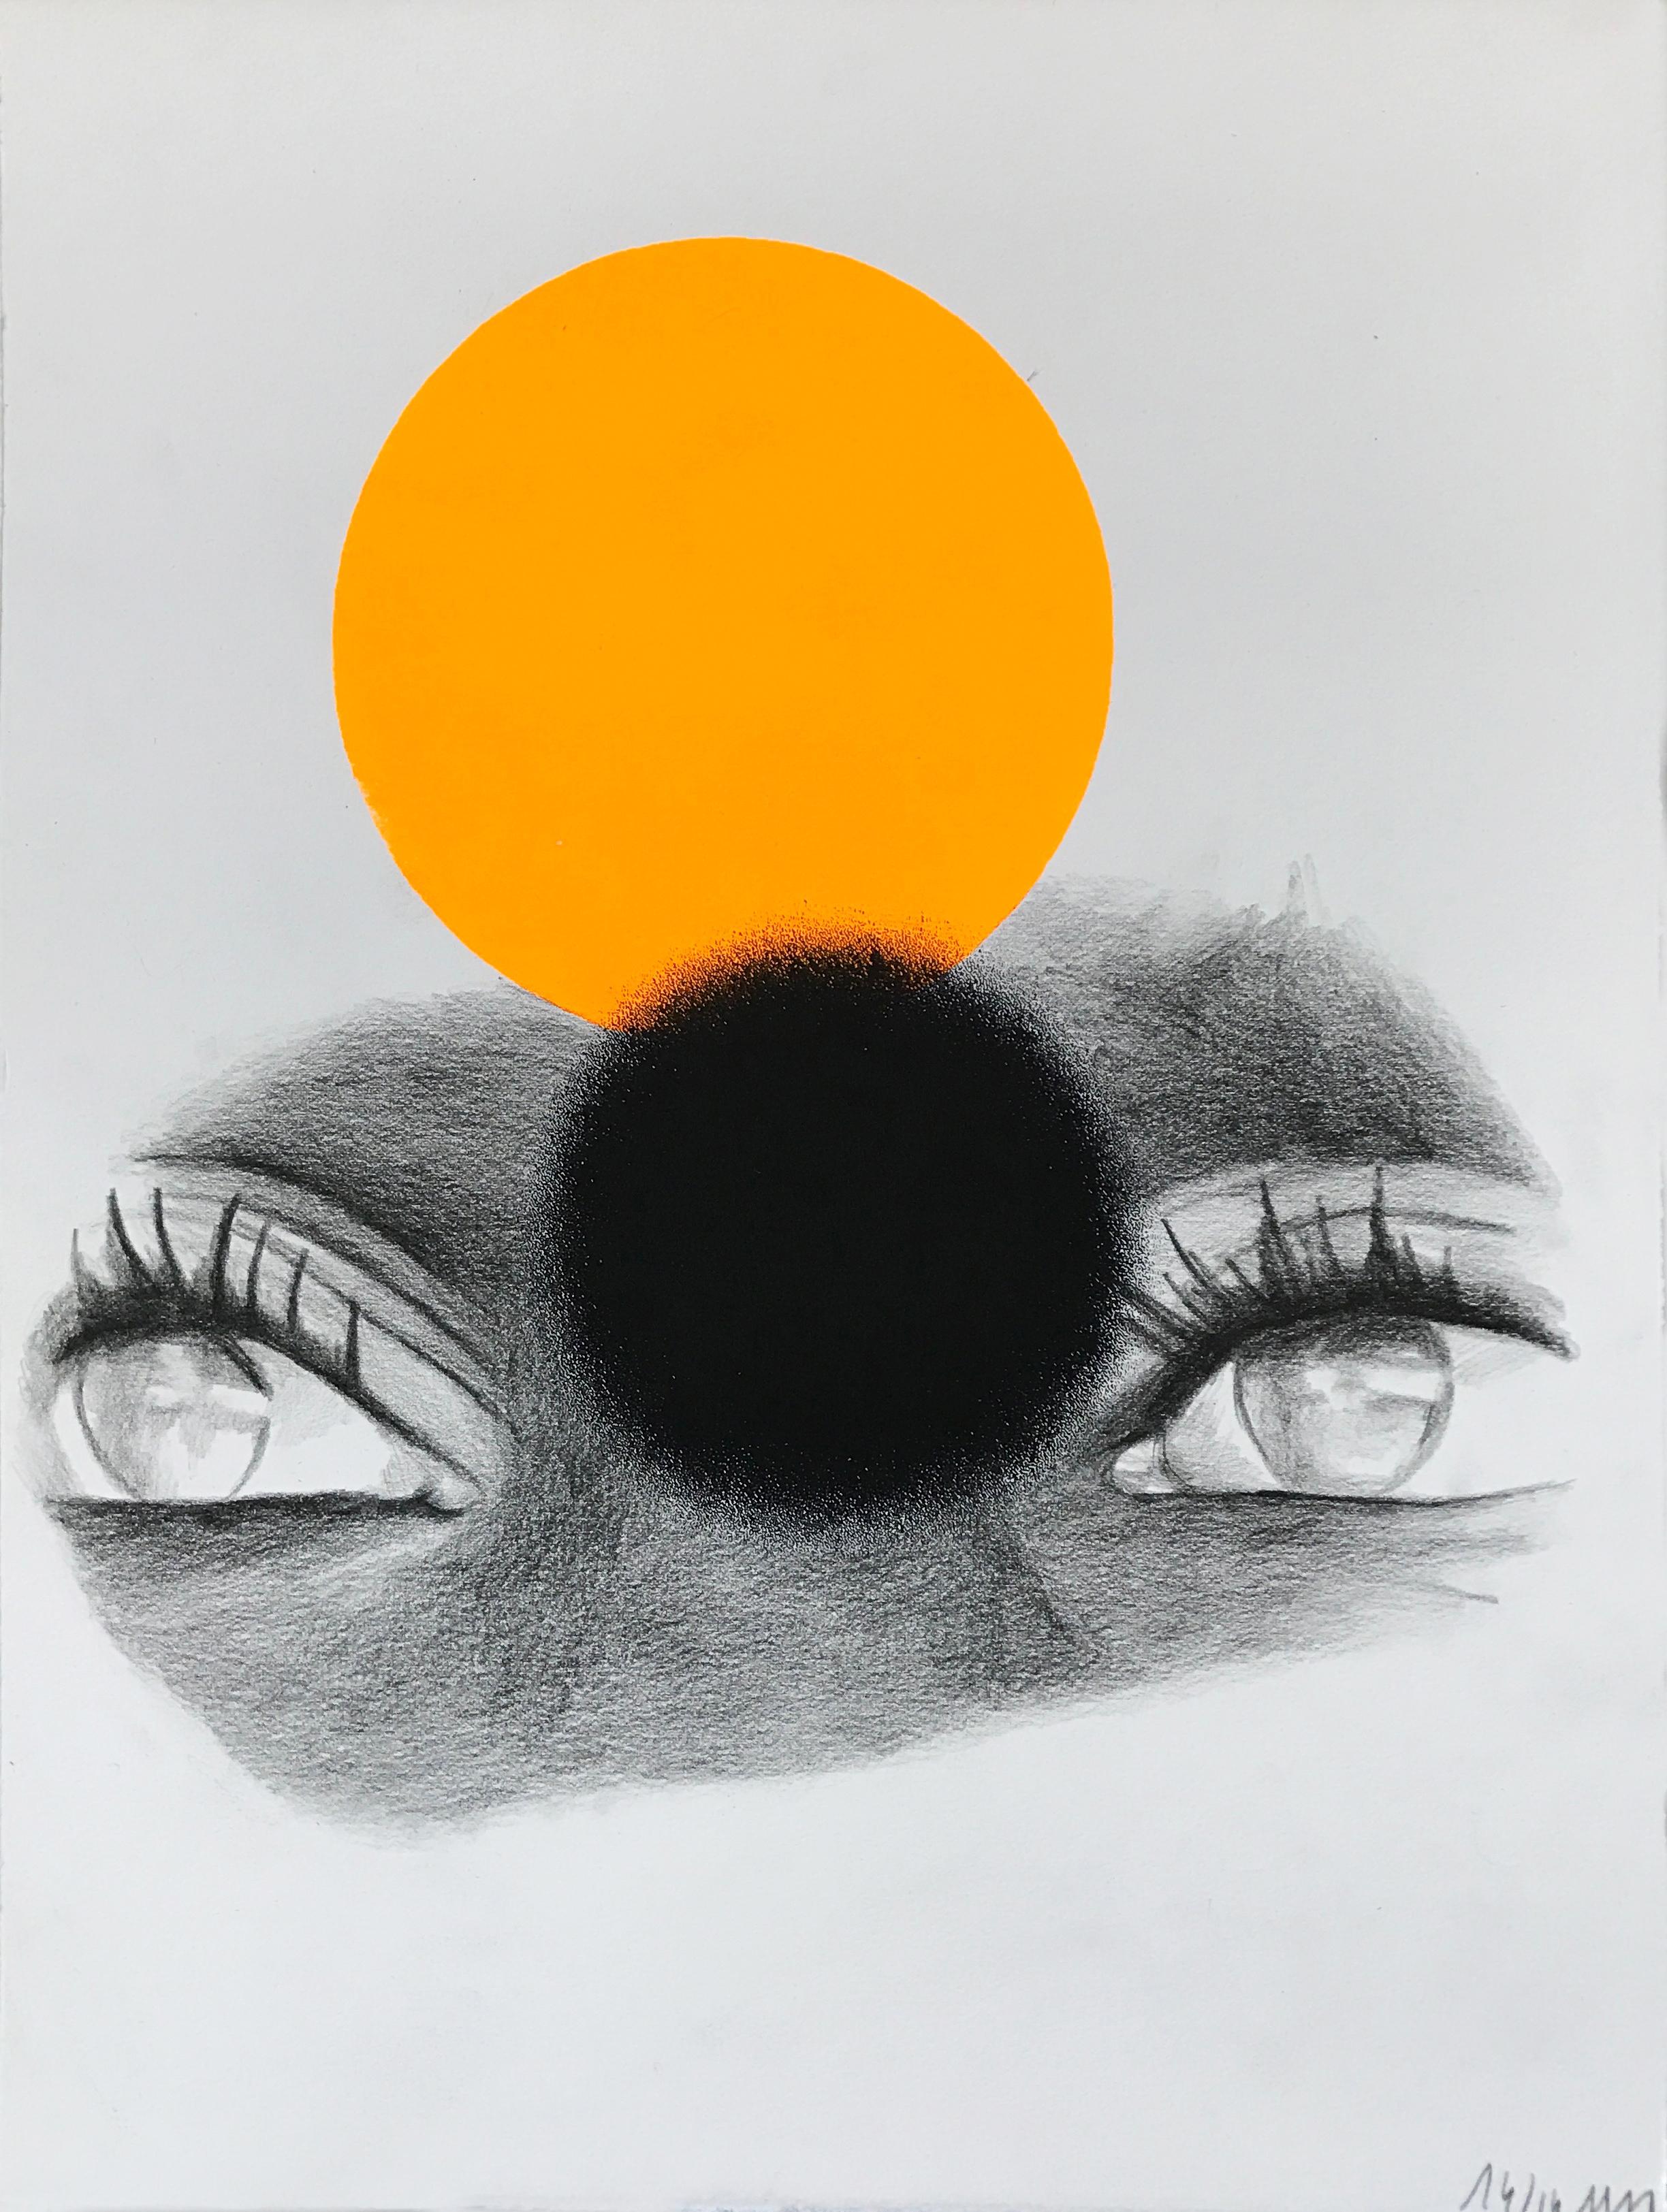 le sourire de Malevich 14/14